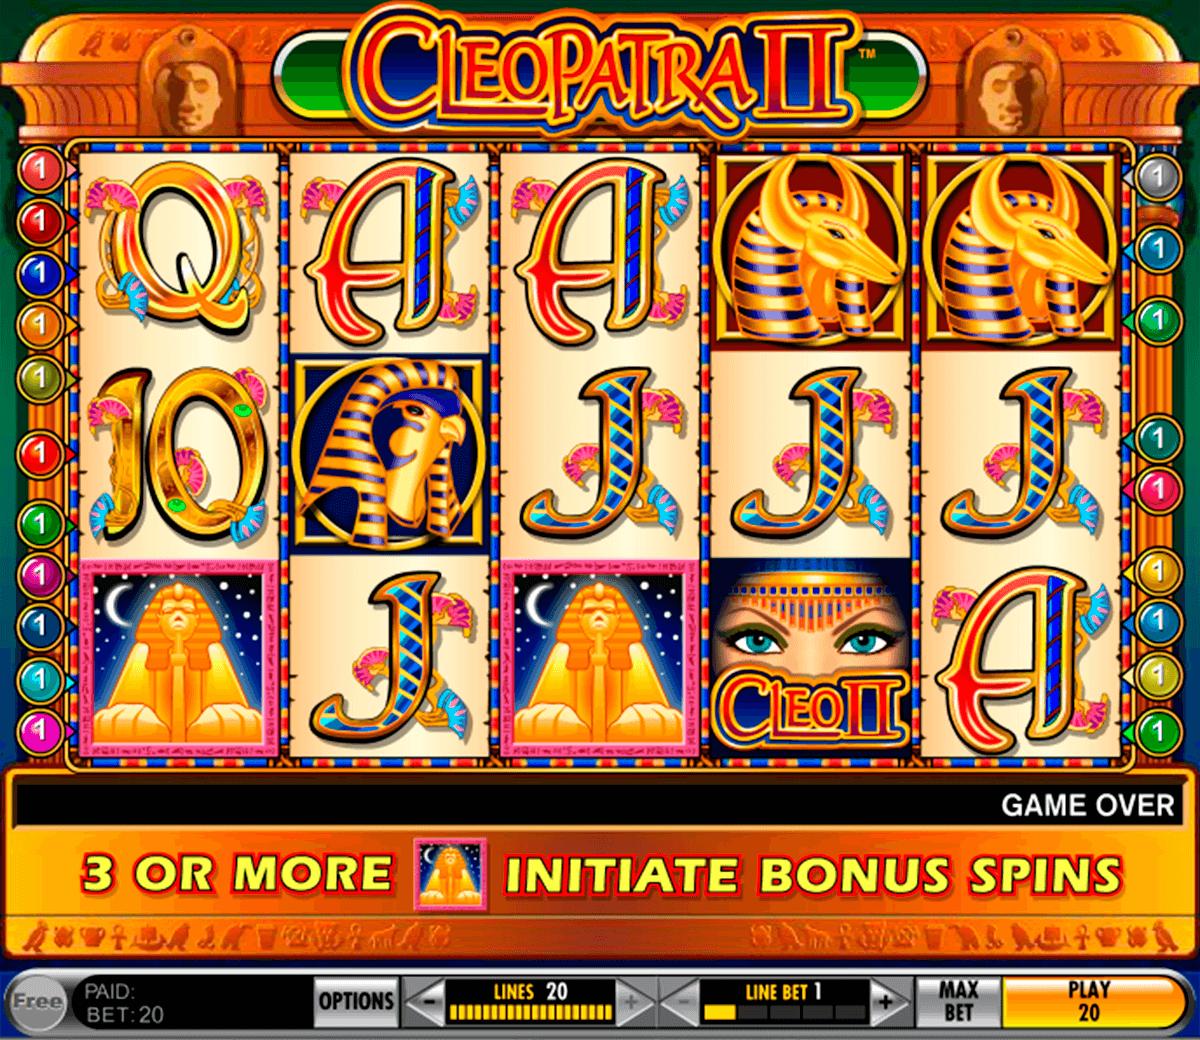 Tragamonedas cleopatra 2 juegos de casino gratis Alicante-361729